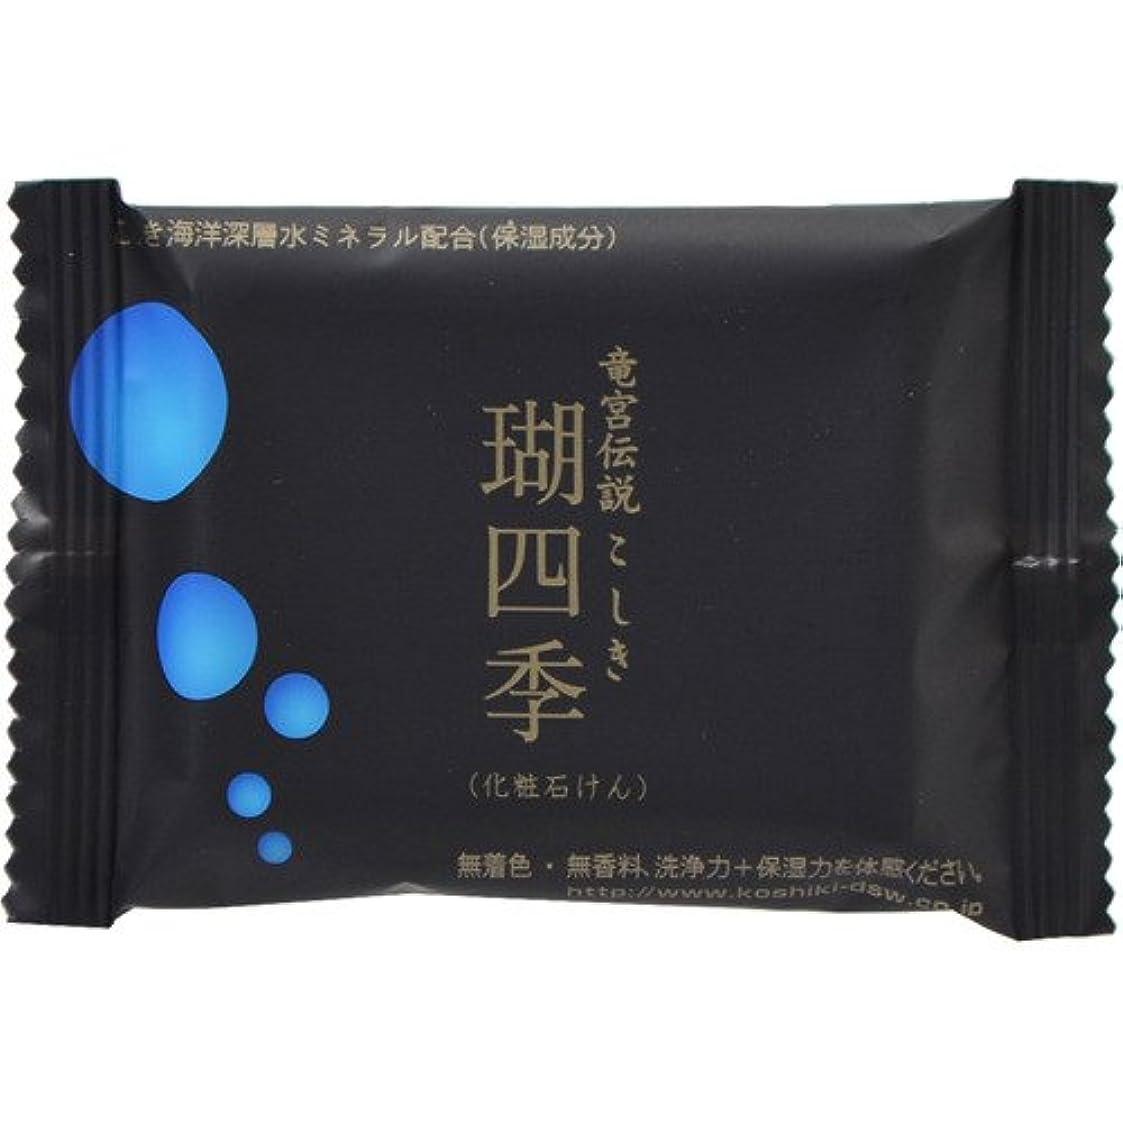 同化ショッピングセンター共感する瑚四季 化粧石鹸 30g